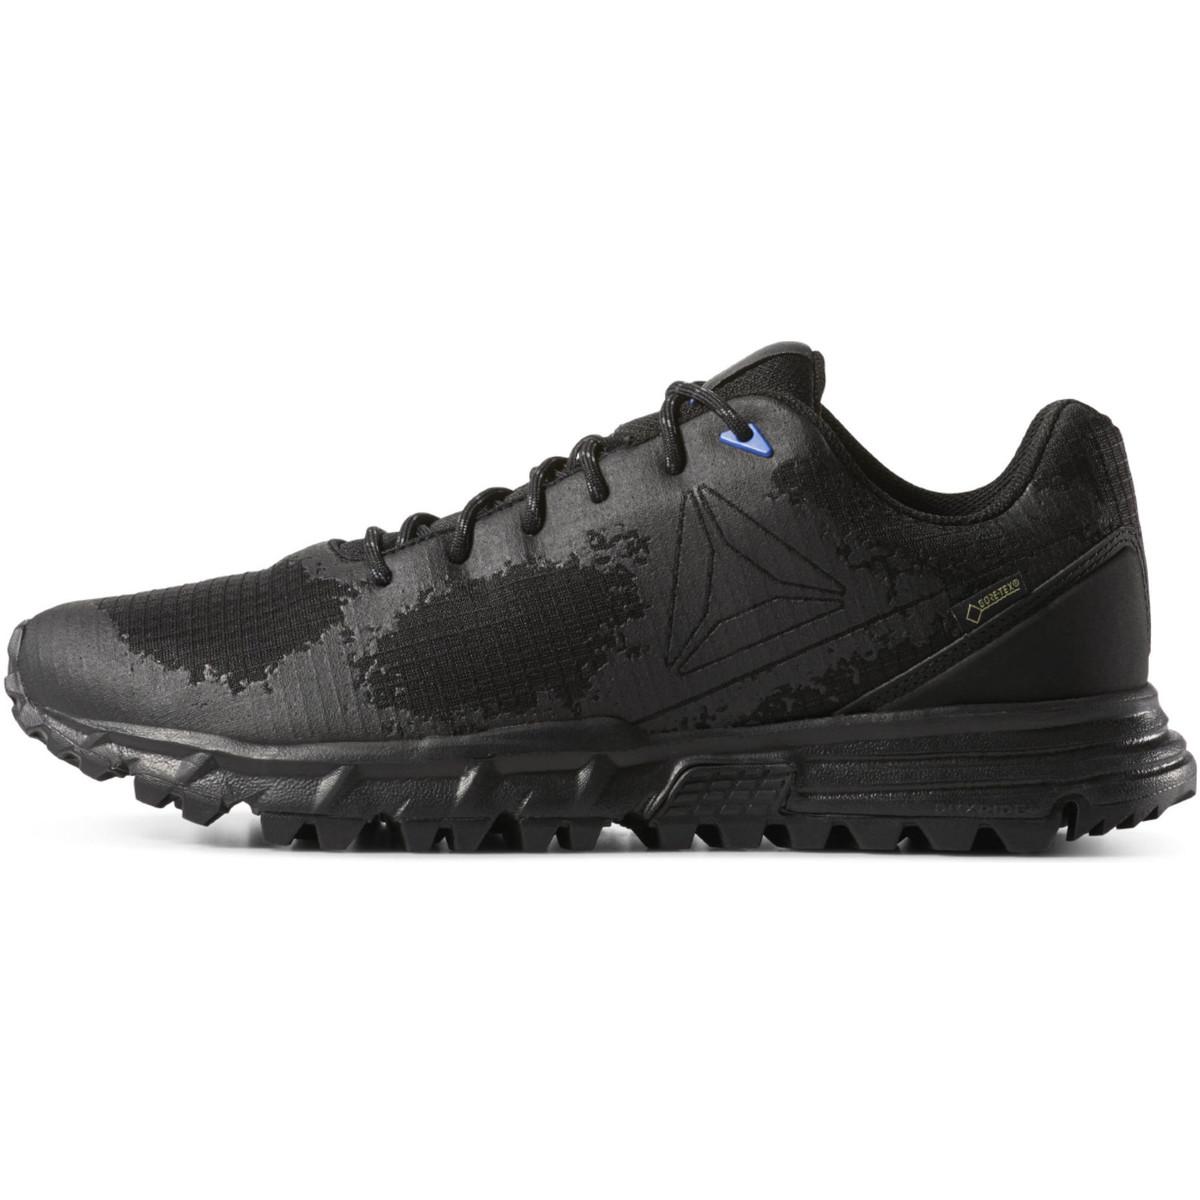 0 Reebok Sawcut 6 Sport Chaussures Gtx rdsQthCx